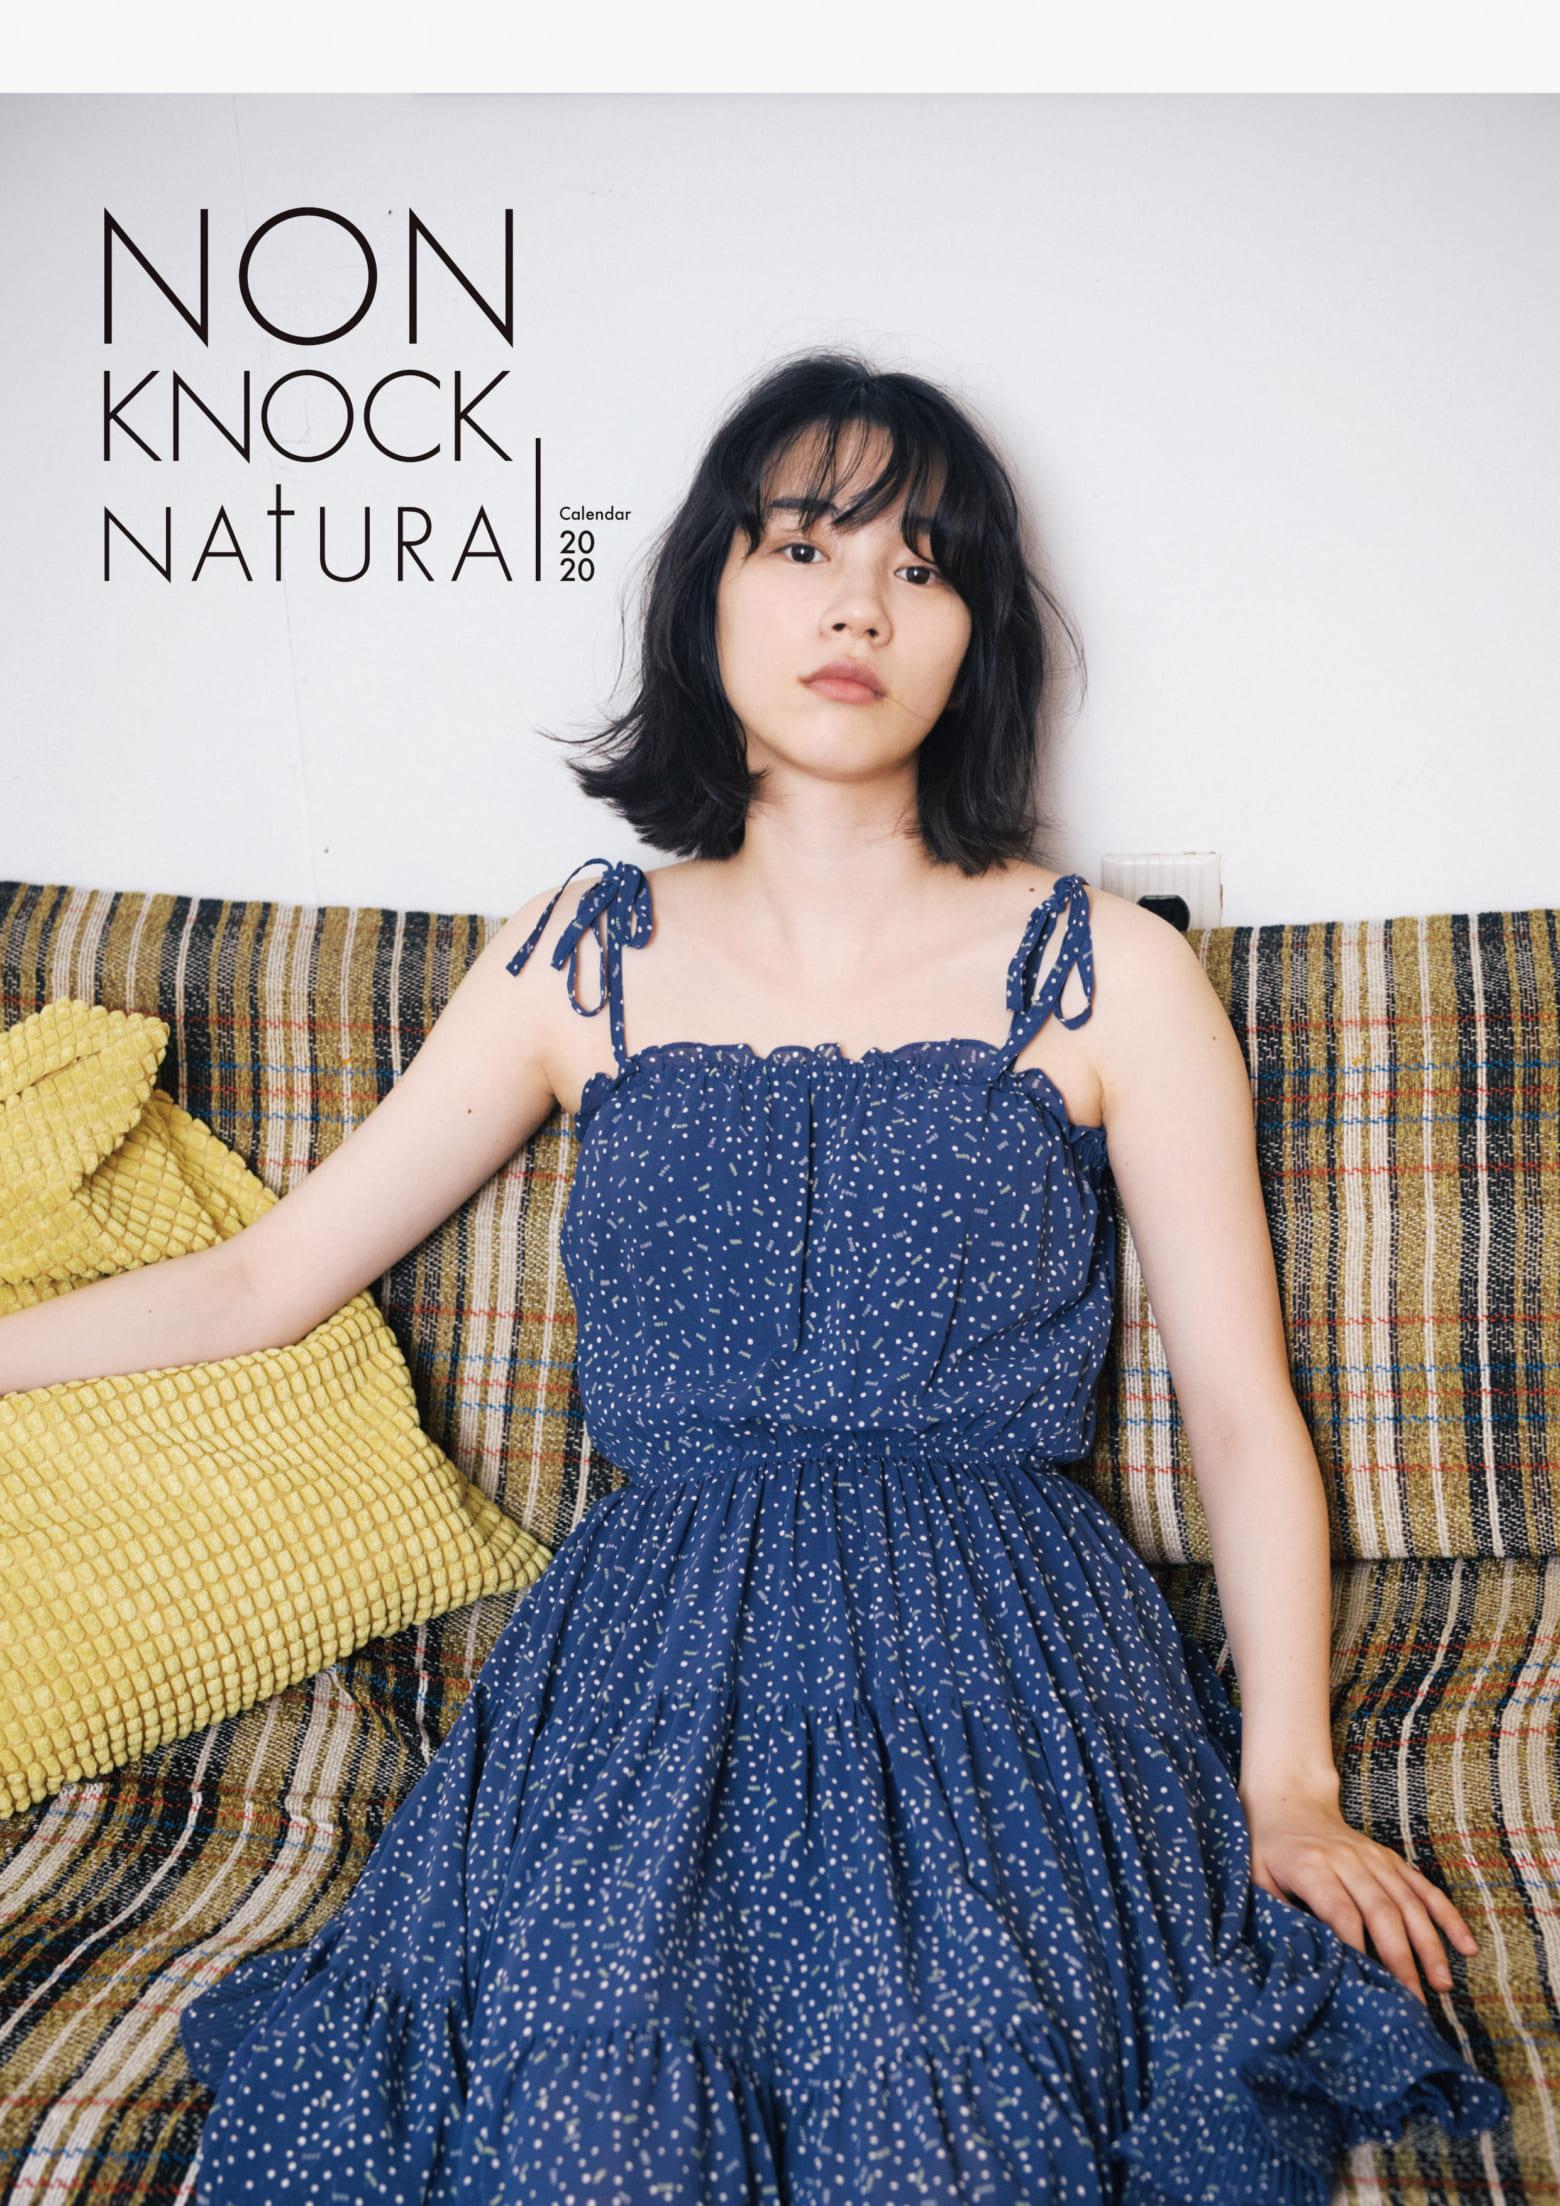 「のんカレンダー2020 -Non Knock natural-」